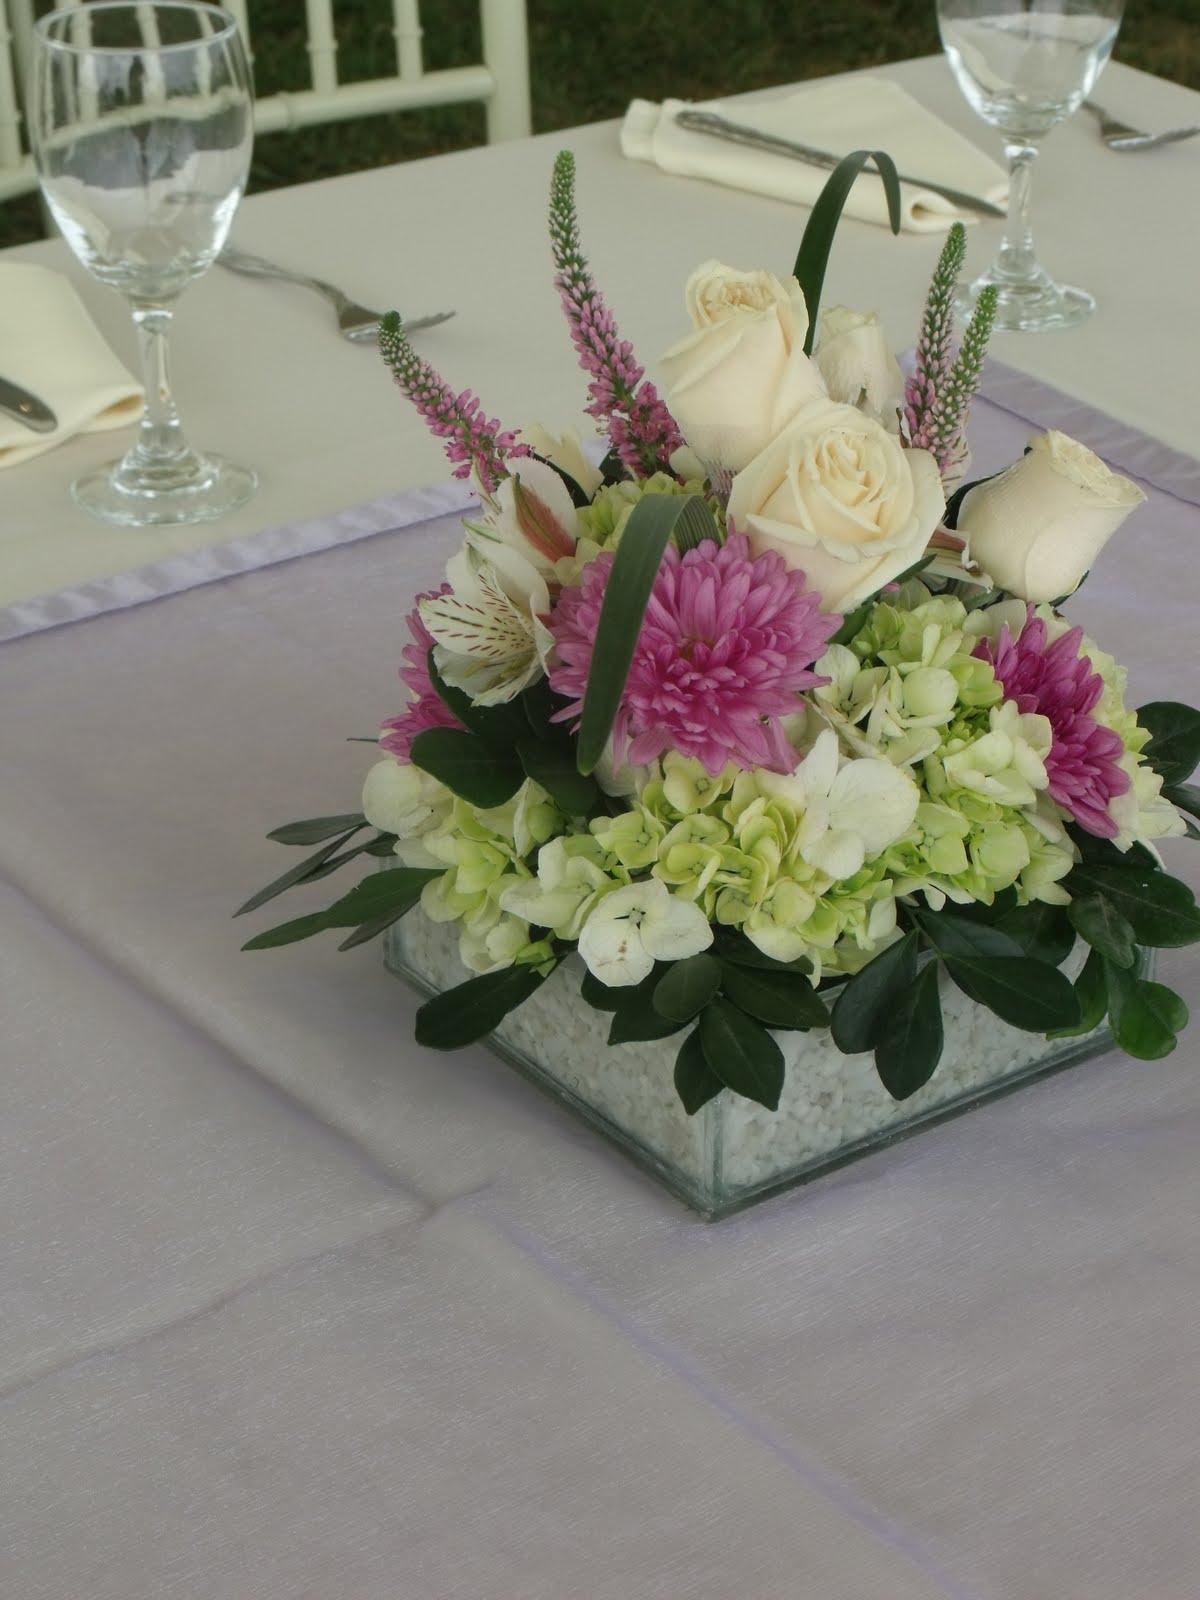 Centros de mesa con flores naturales for Centros de mesa con plantas naturales